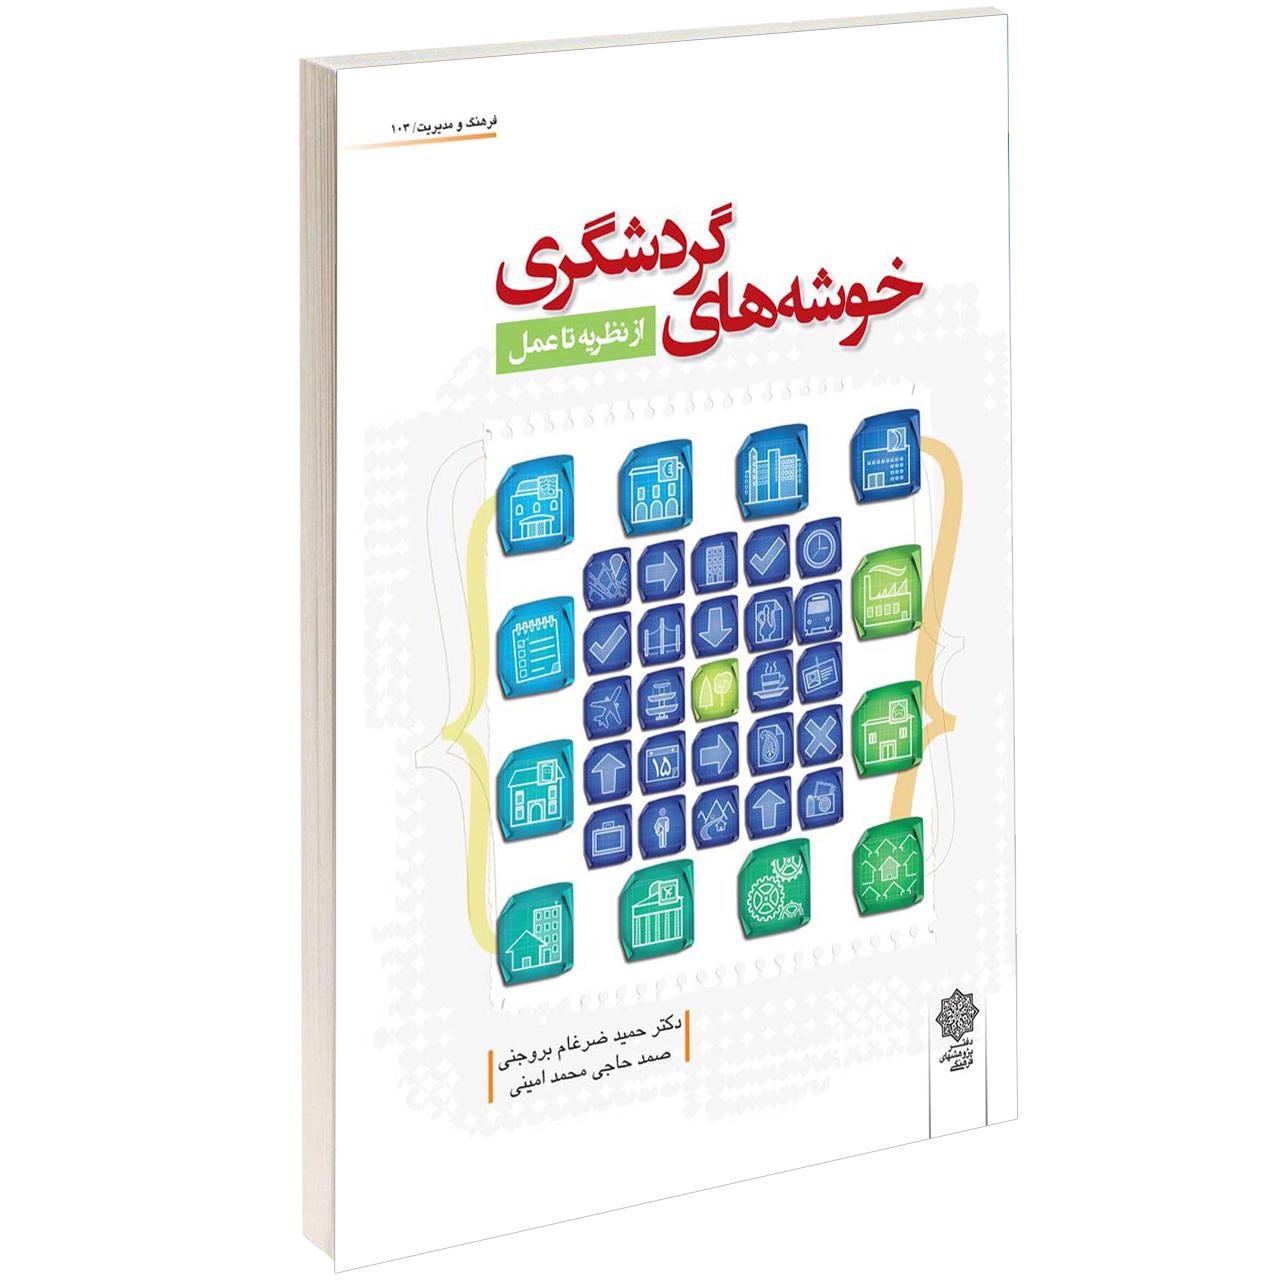 کتاب خوشه های گردشگری اثر حميد ضرغام بروجنی